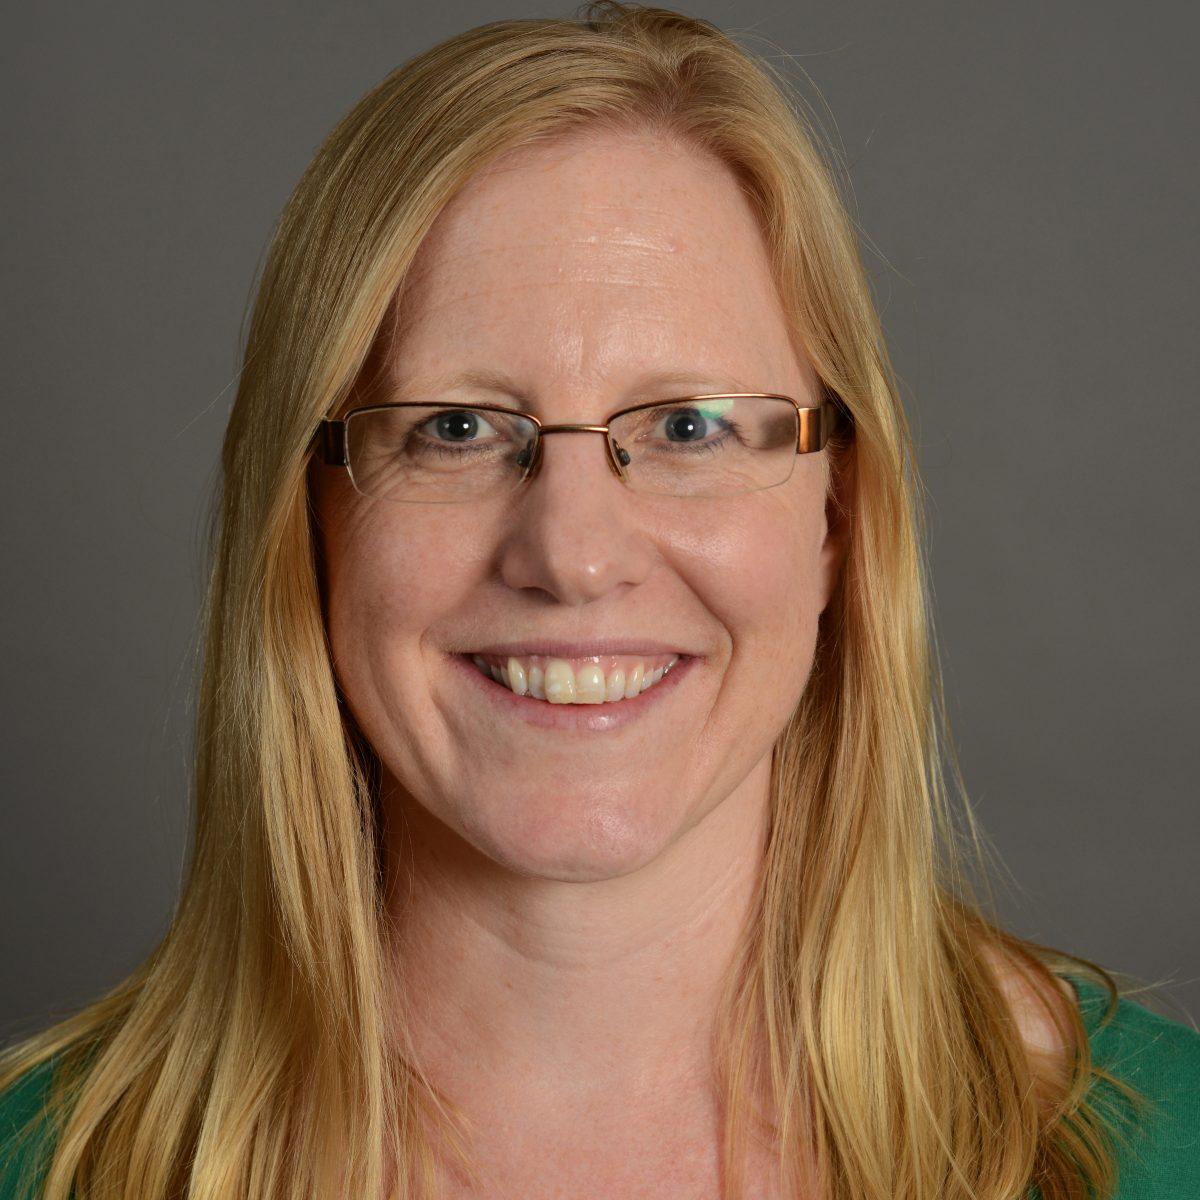 Gina Hobson PhD